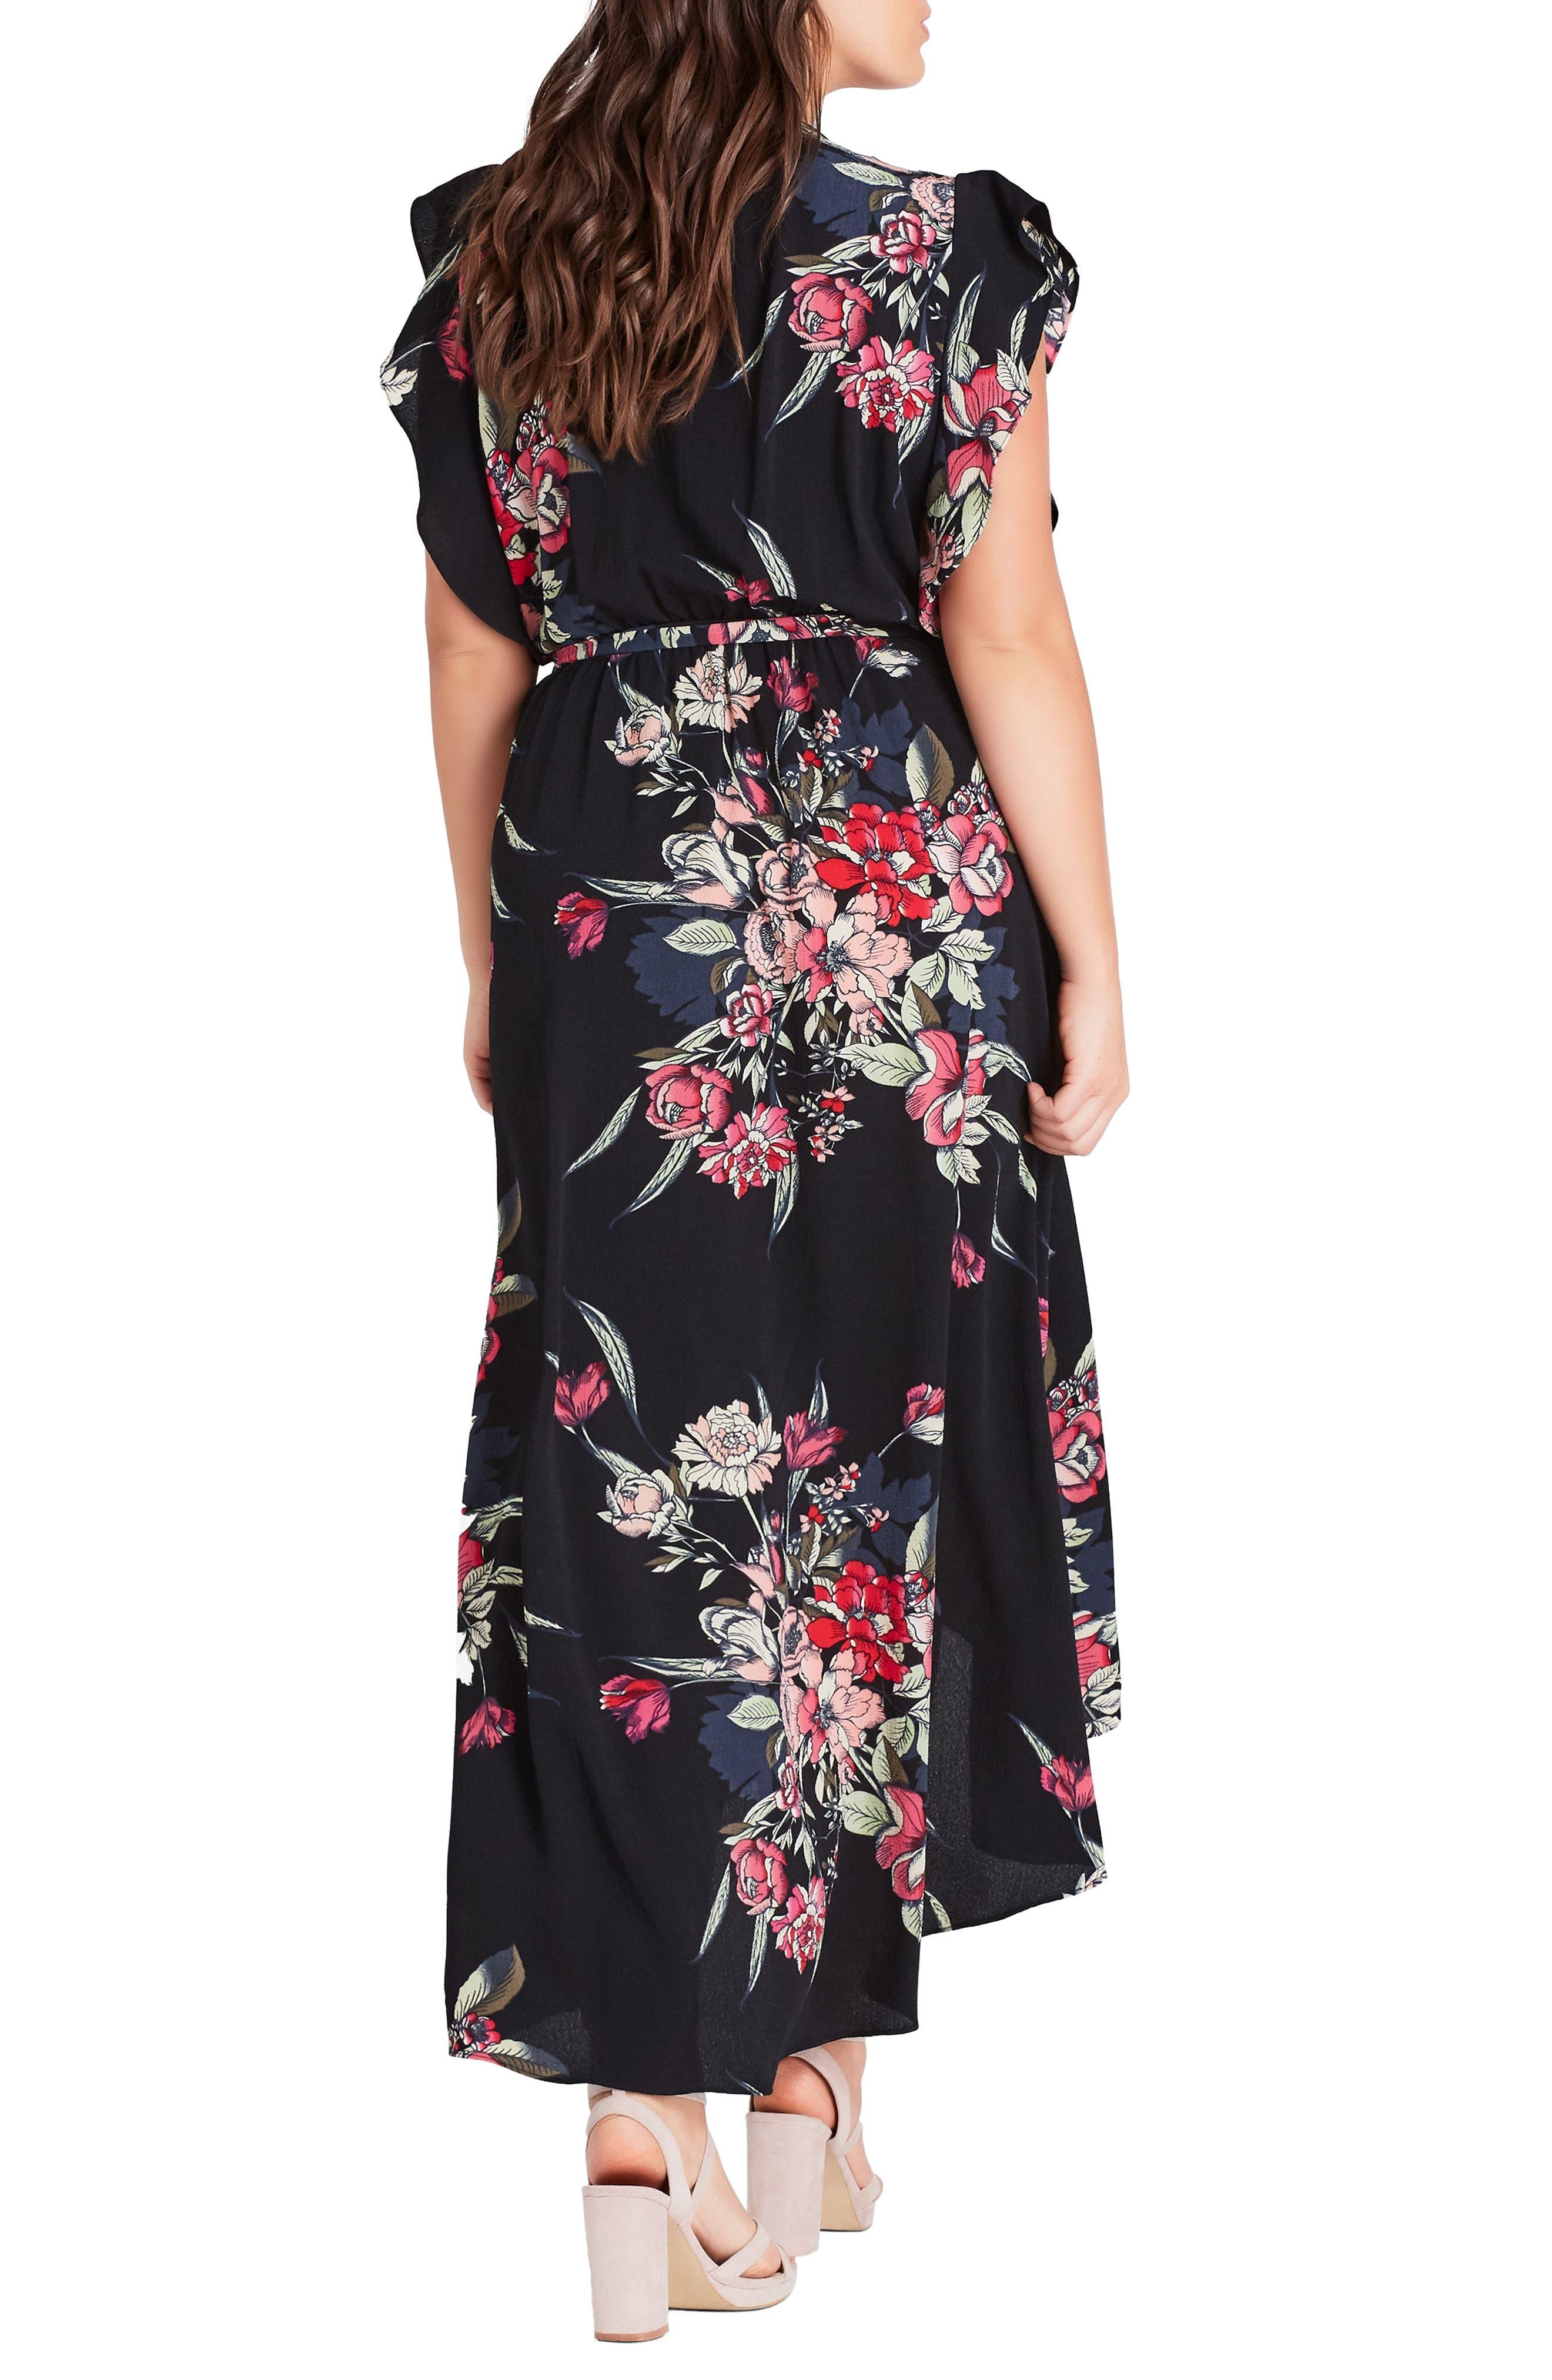 b1d1f229eff3 floral dress